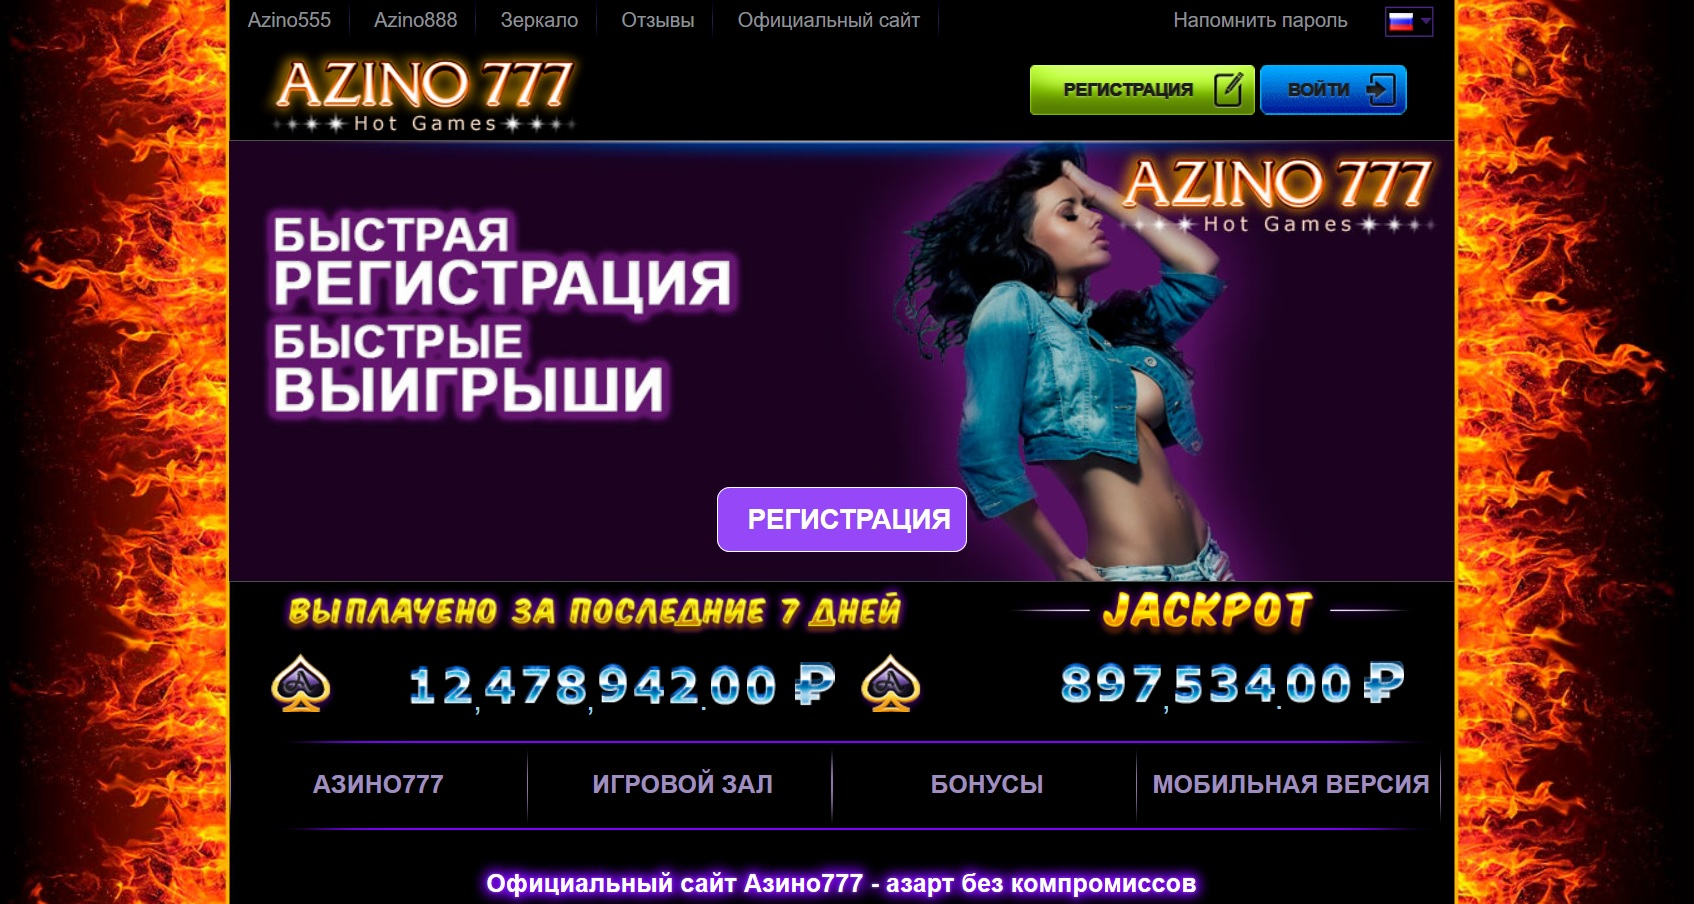 27 02 2019 азино777